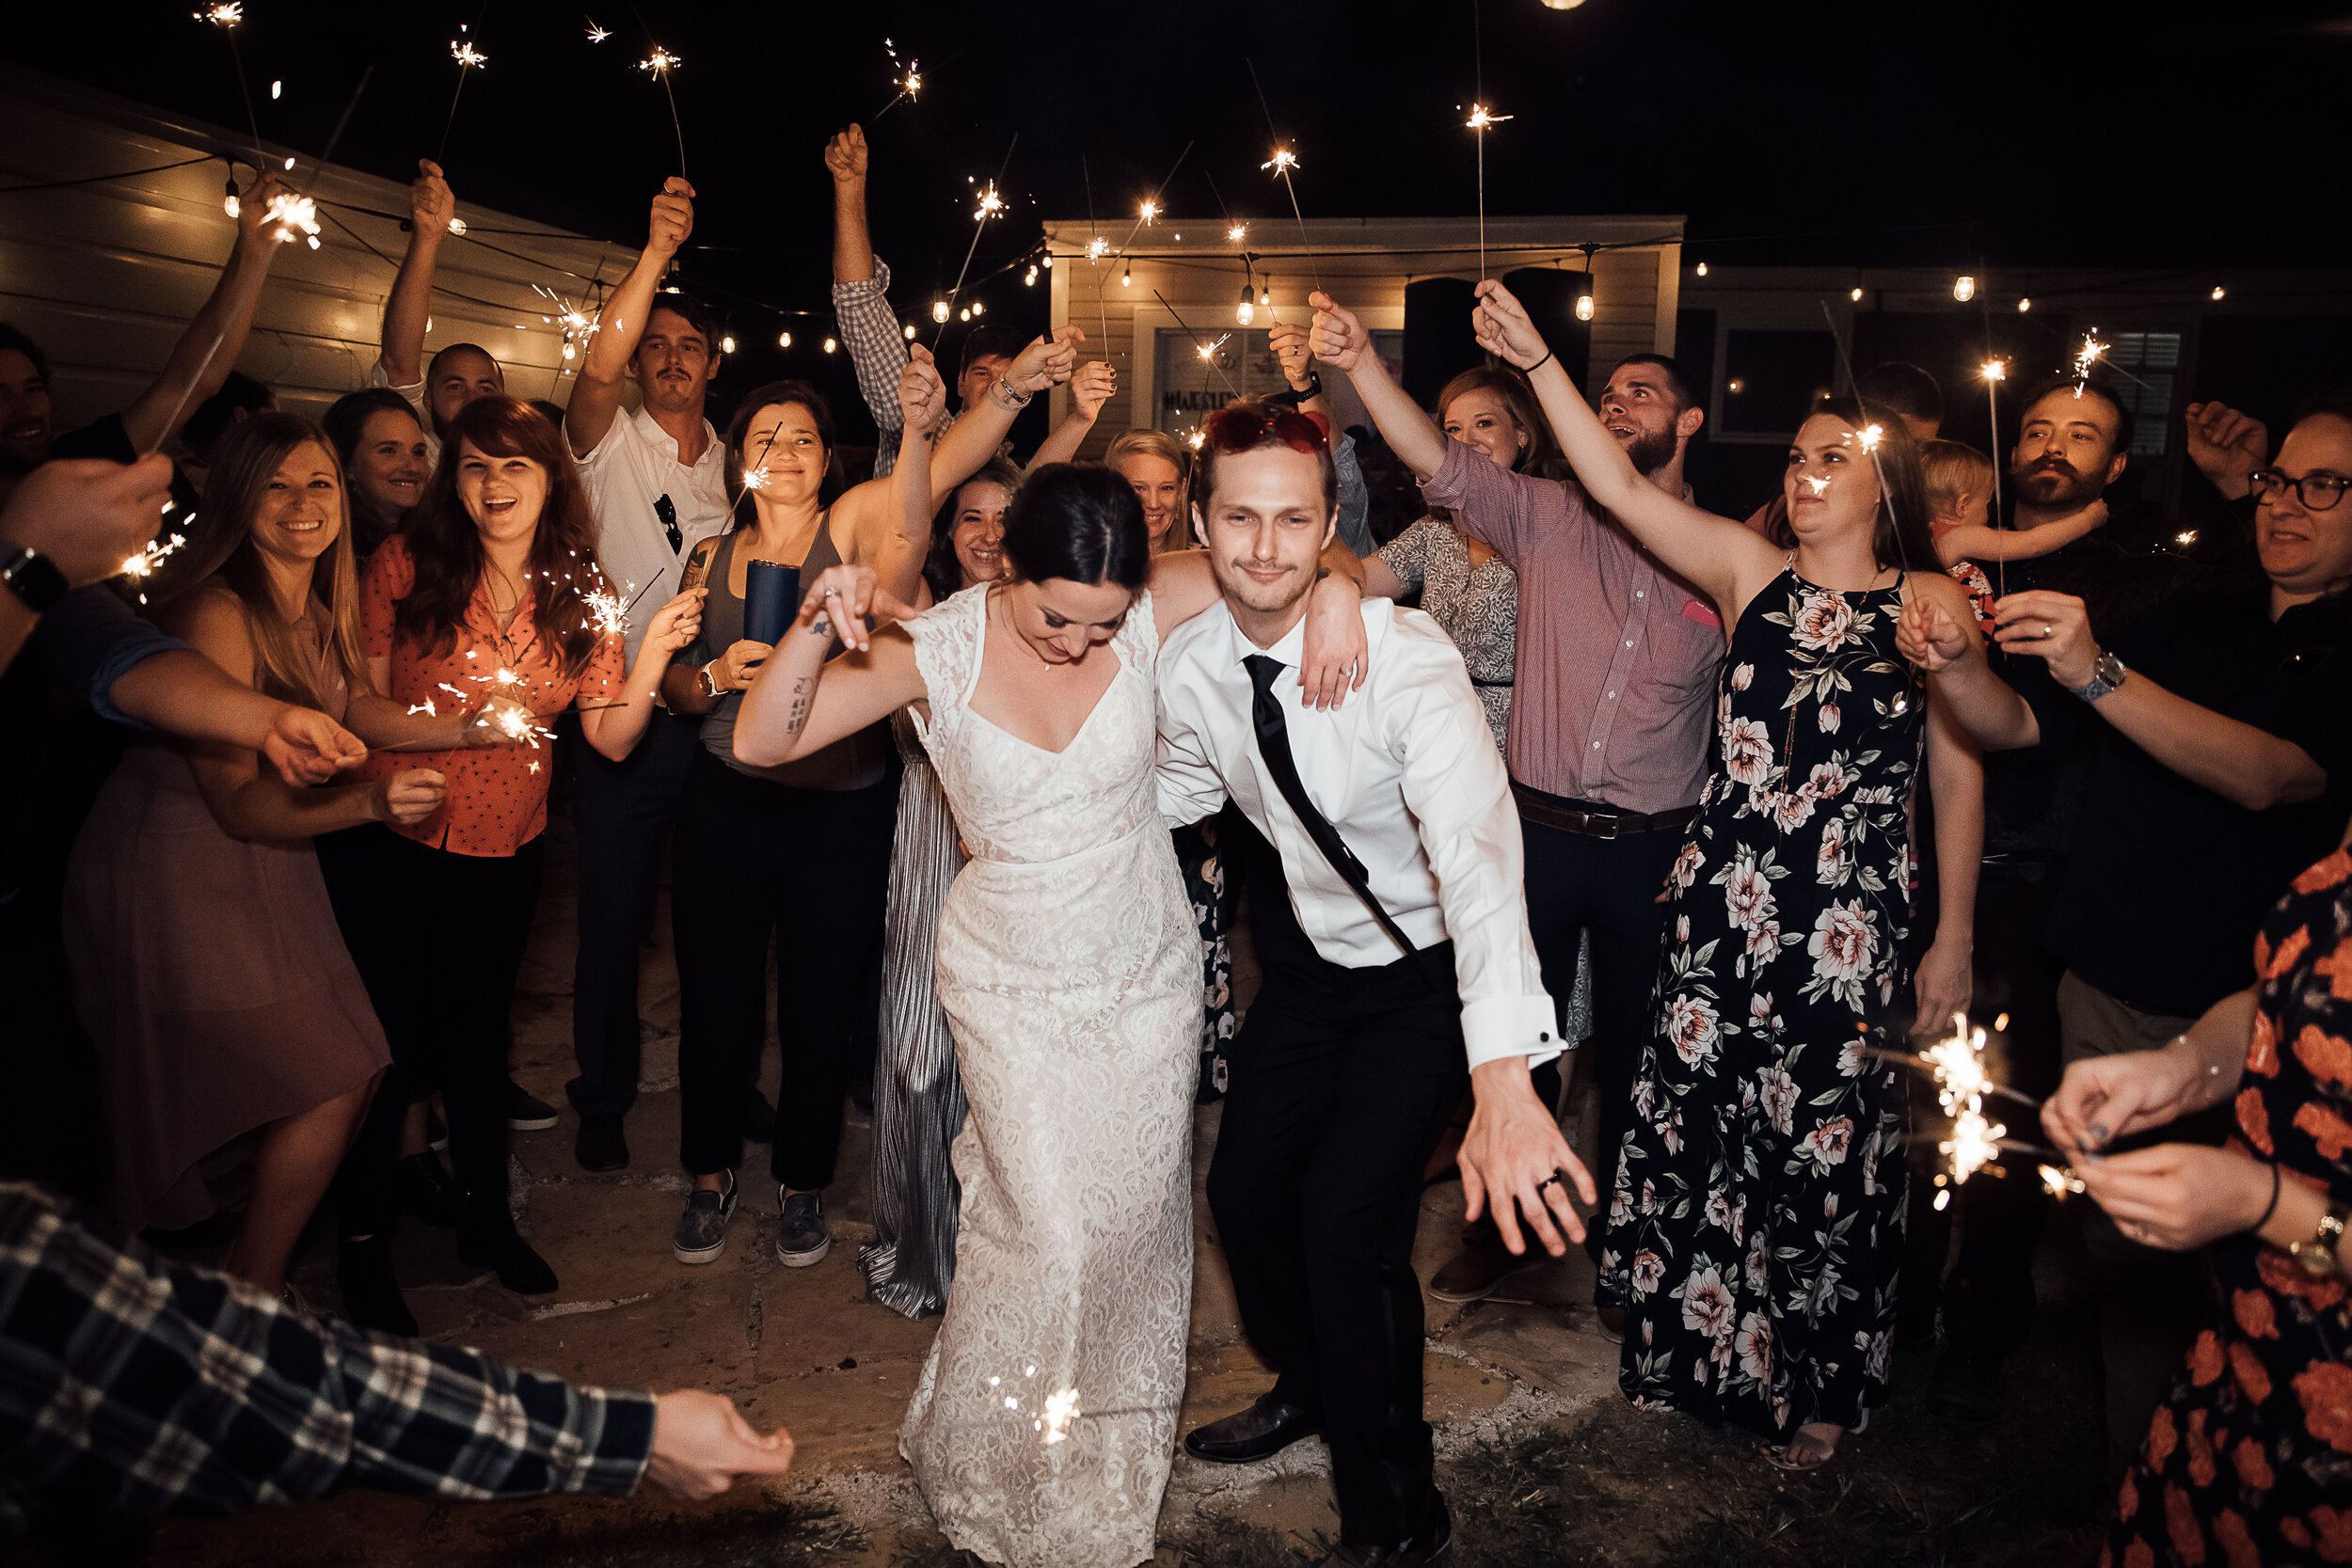 Allison-and-Wesley-Memphis-Backyard-Wedding-TheWarmthAroundYou-87.jpg